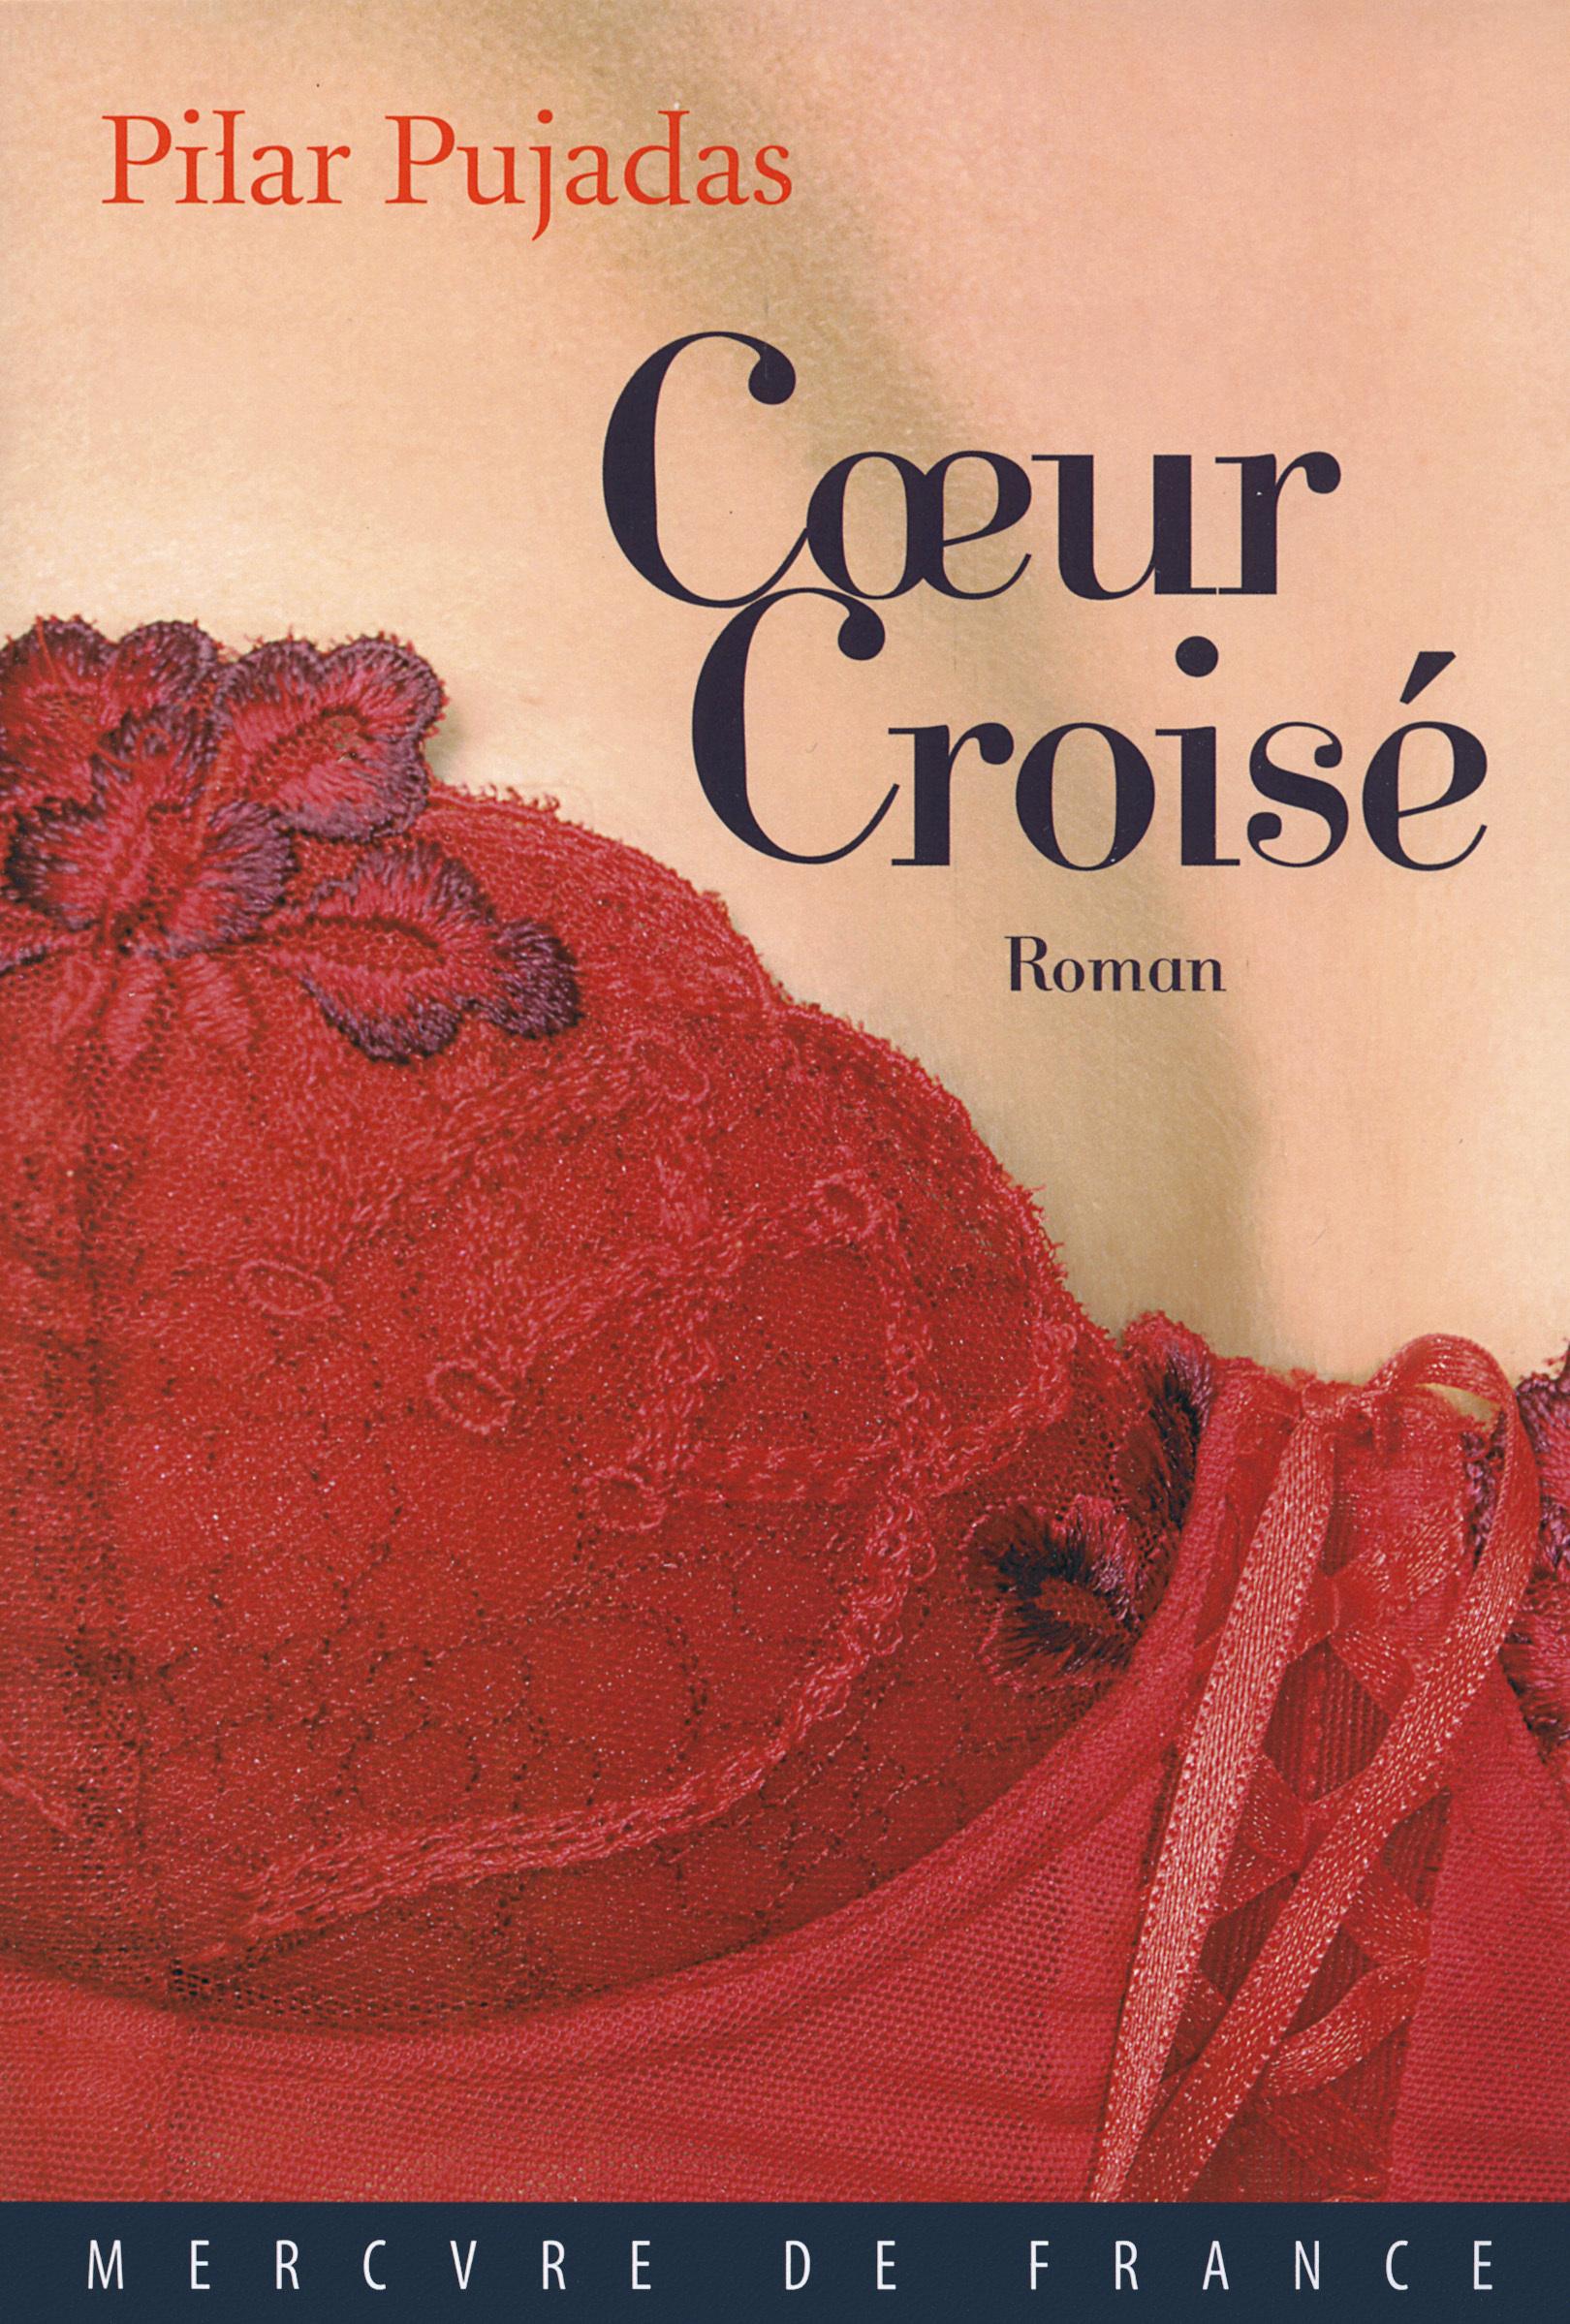 COEUR CROISE